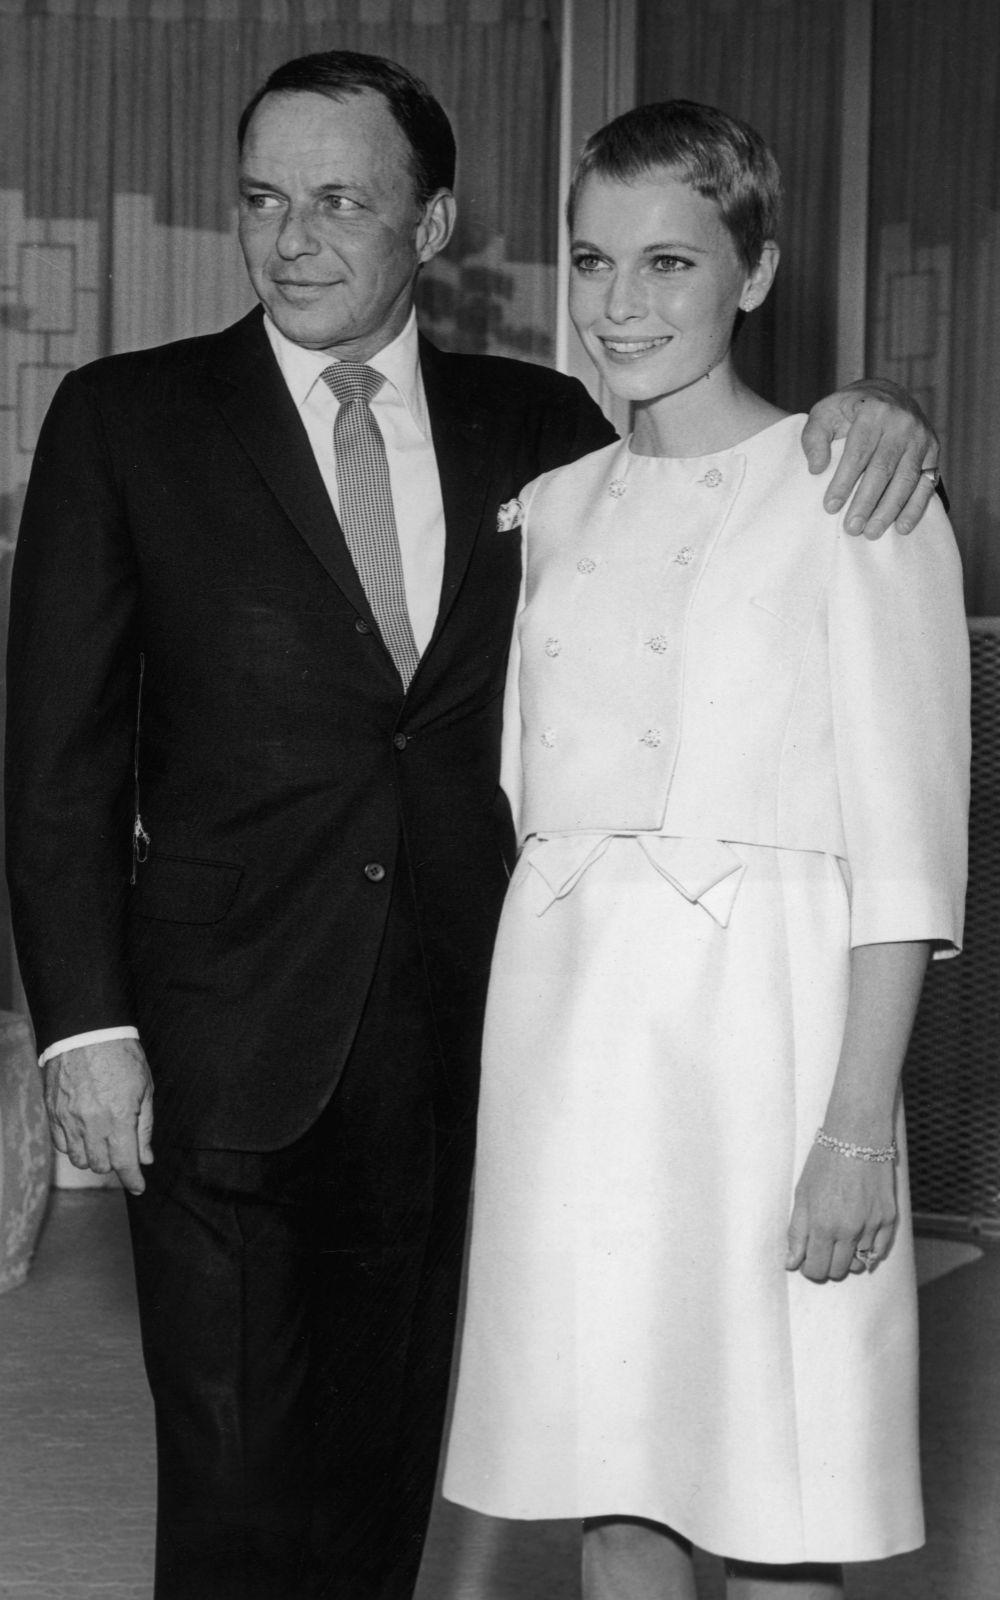 Boda entre Mia Farrow y Frank Sinatra